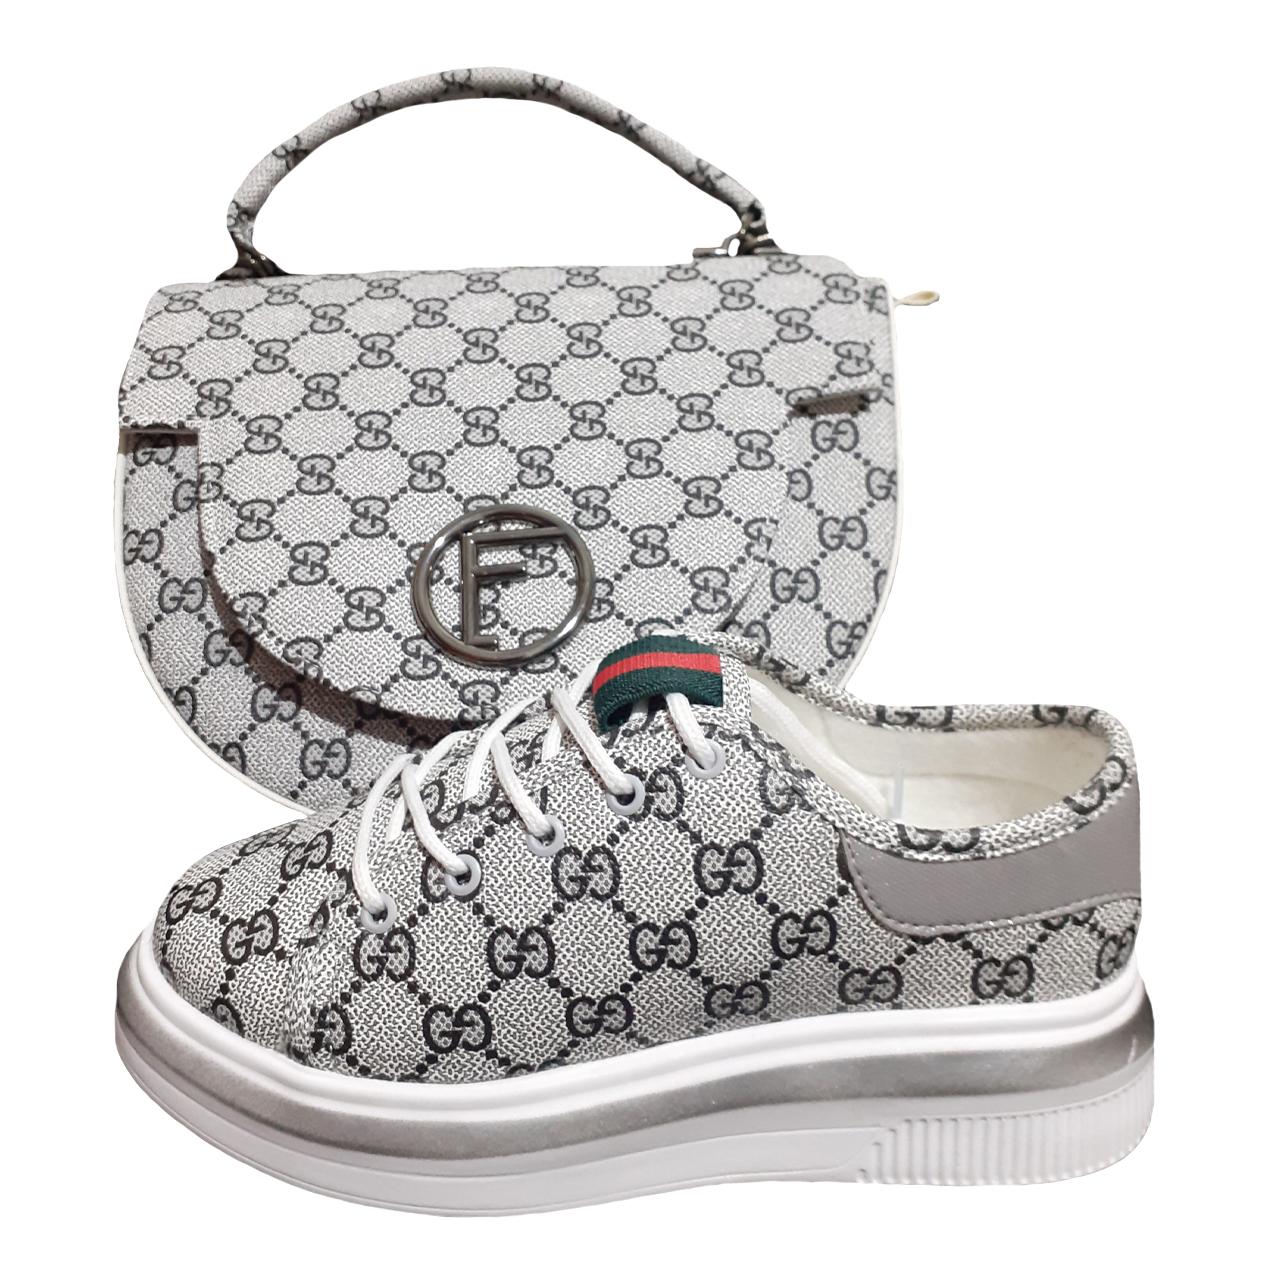 ست کیف و کفش زنانه مدل 101